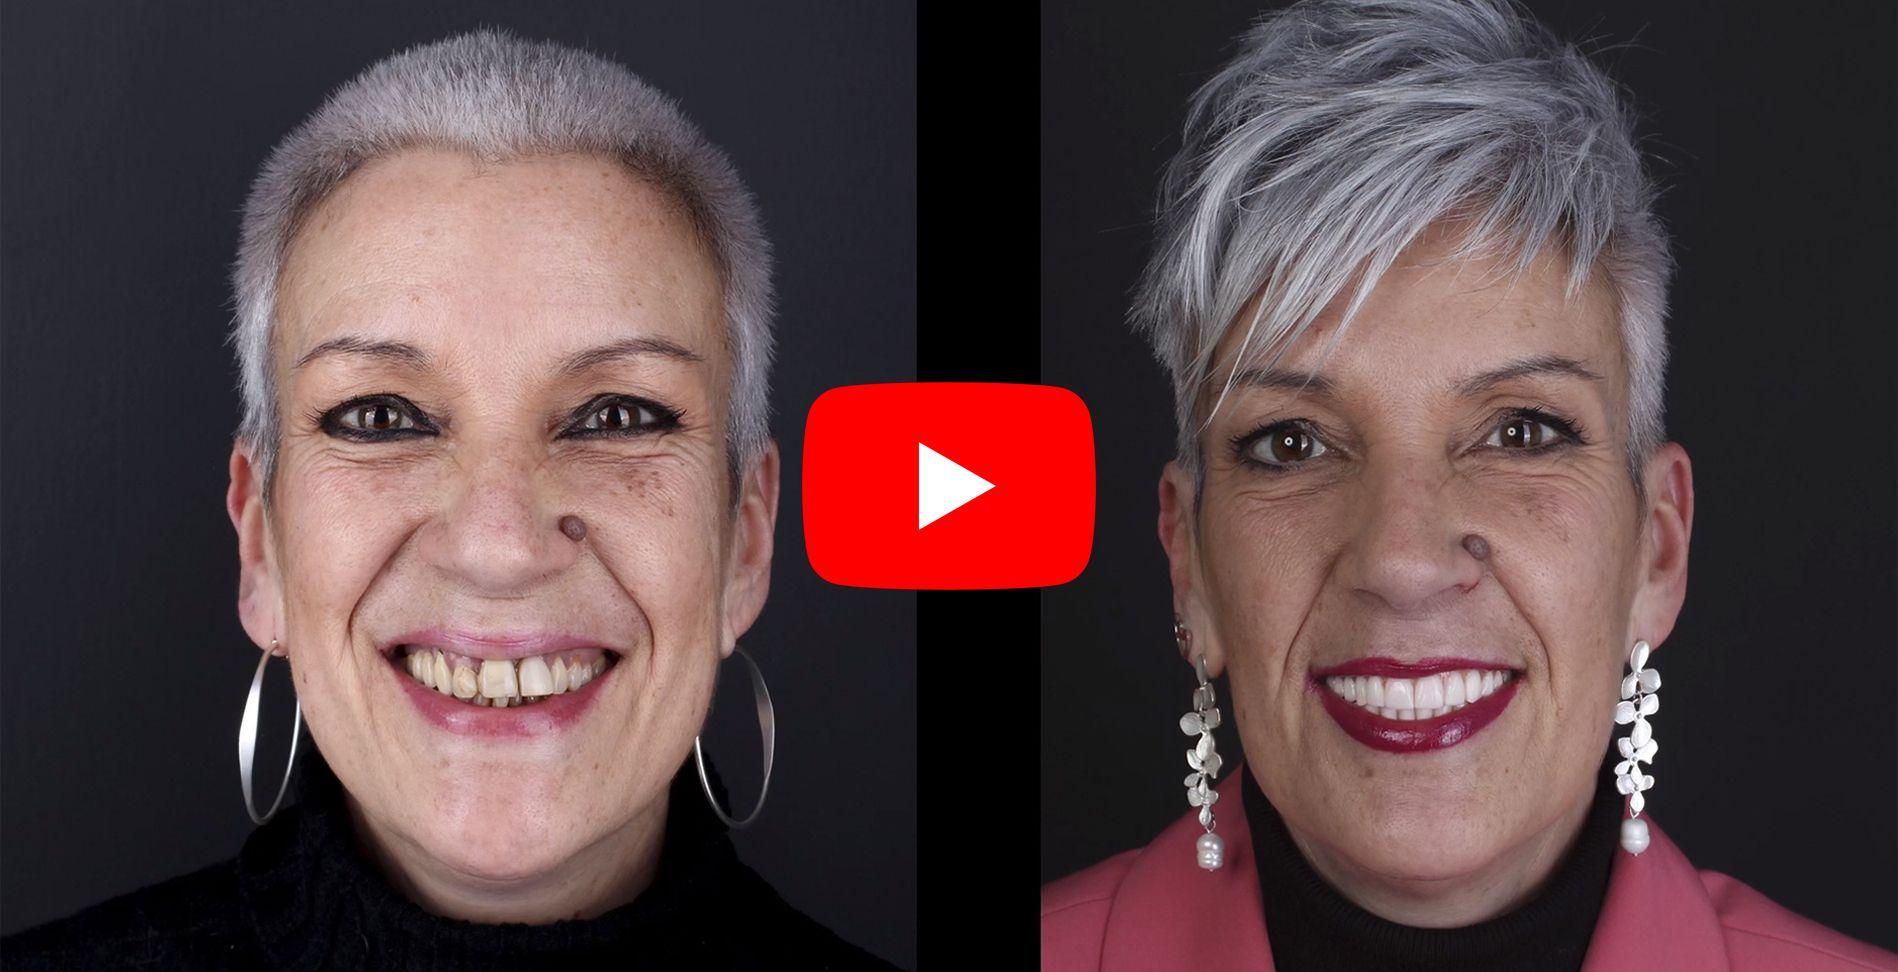 Vídeo testimonis dels pacients tractats a clínica Padrós d'implants dentals